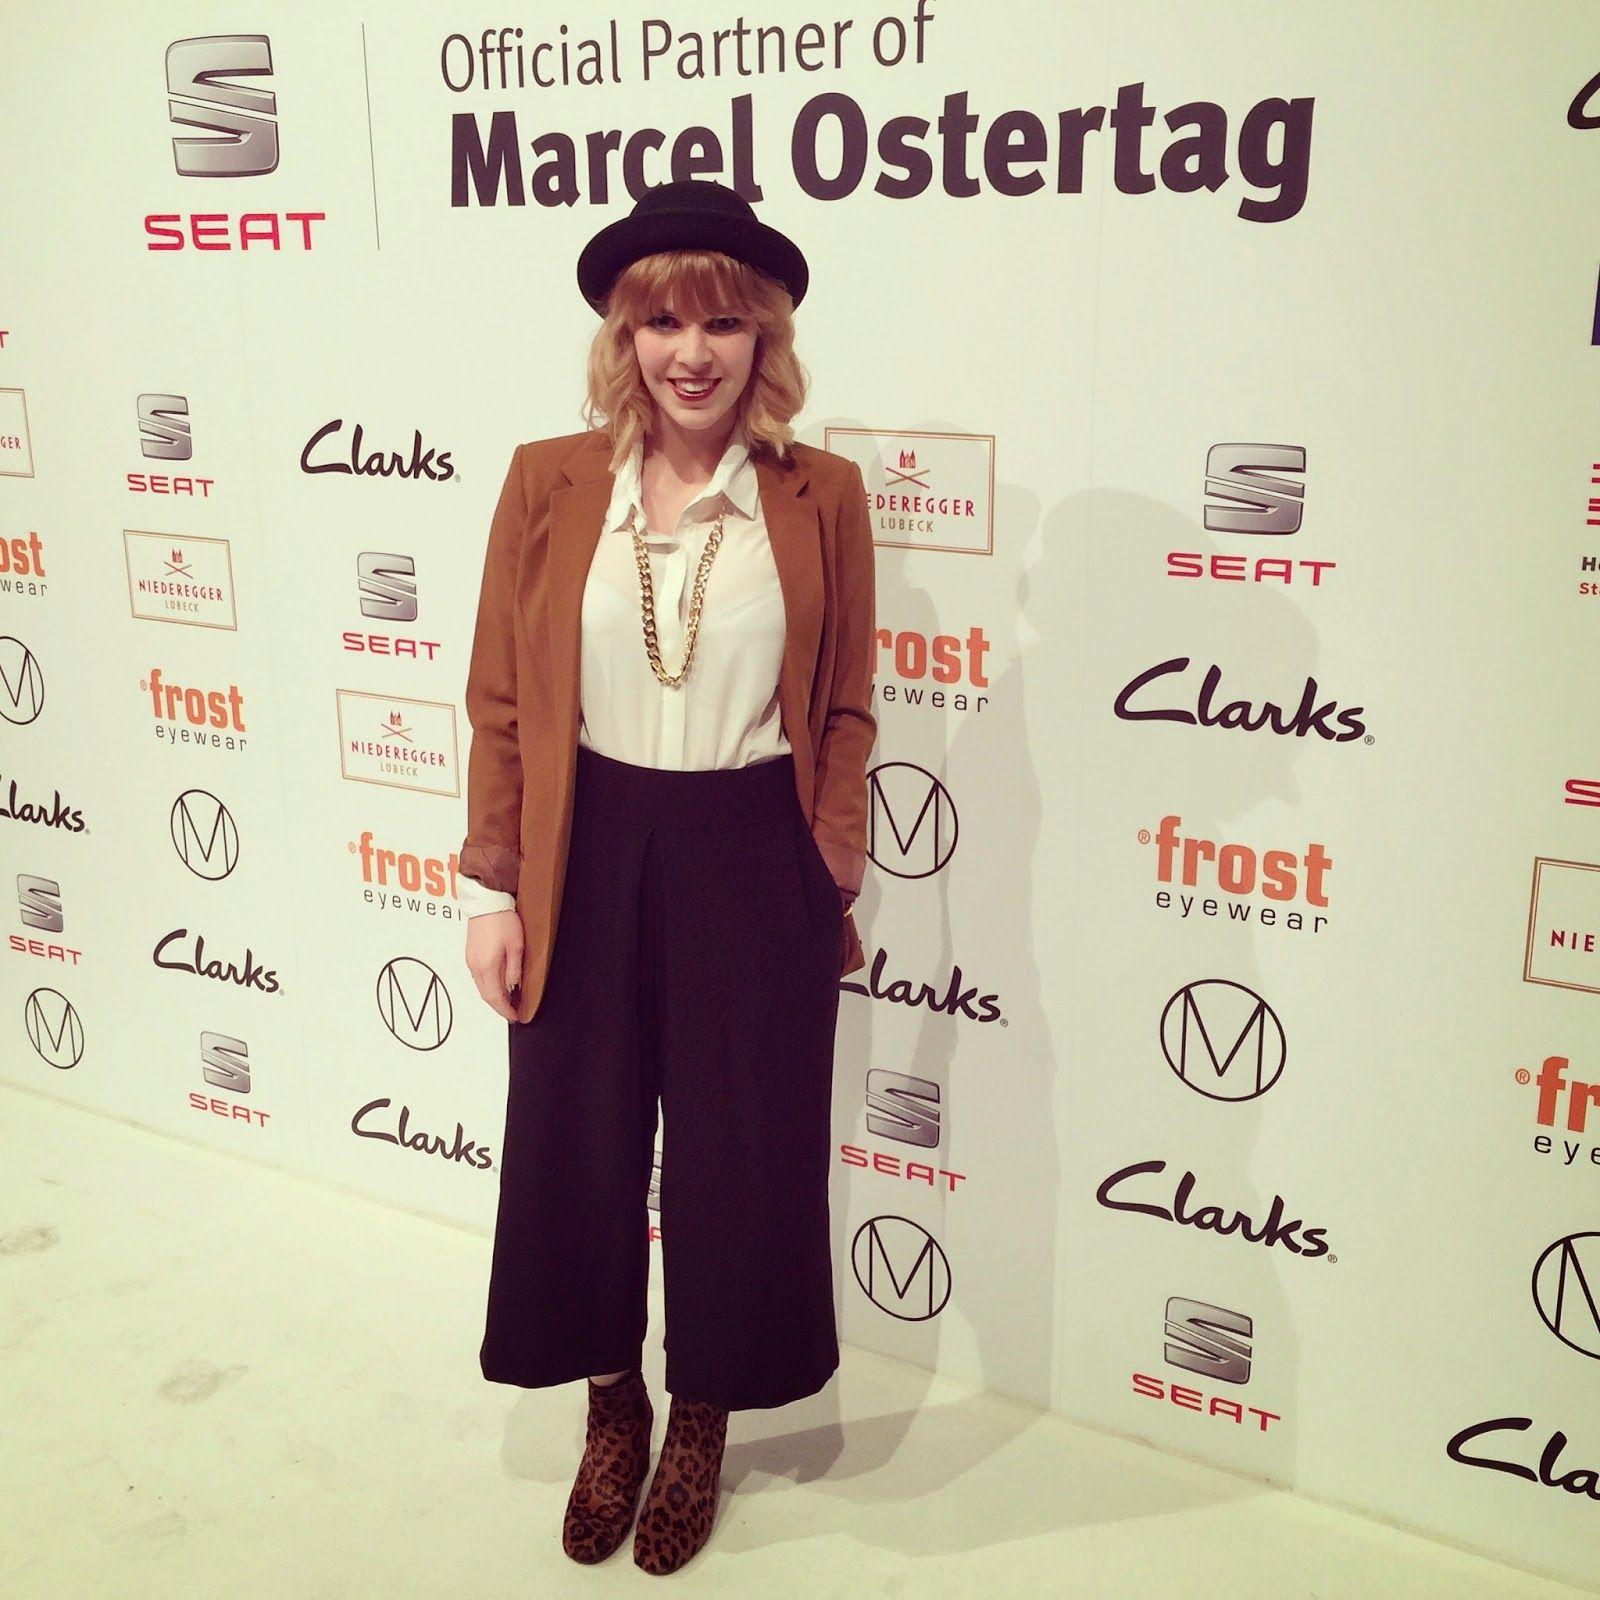 Fashion Week Berlin: Marcel Ostertag & Clarks. Die Fashionbloggerin Stefanie war dabei! Eindrücke gibt es auf ihrem Blog: http://modepuppe-bremen.blogspot.de/2015/01/fashion-week-berlin-marcel-ostertag.html